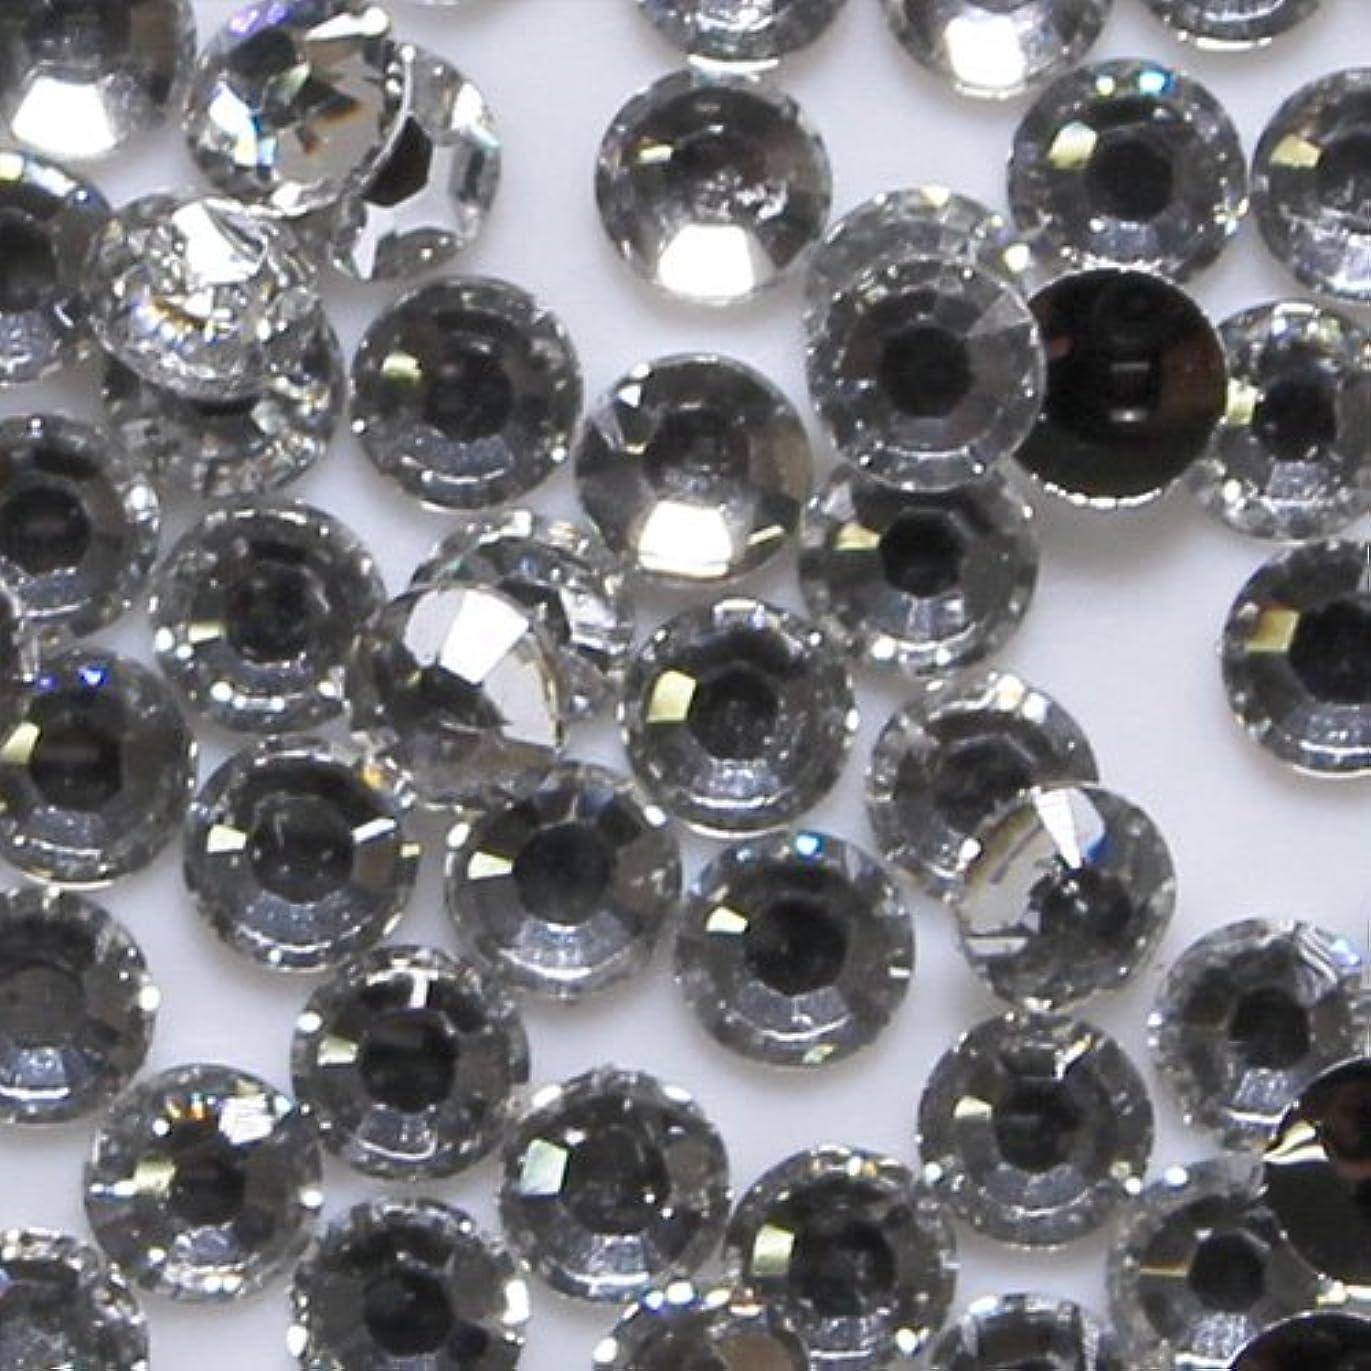 仮定伴う過言高品質 アクリルストーン ラインストーン ラウンドフラット 約1000粒入り 3mm ダイヤモンド